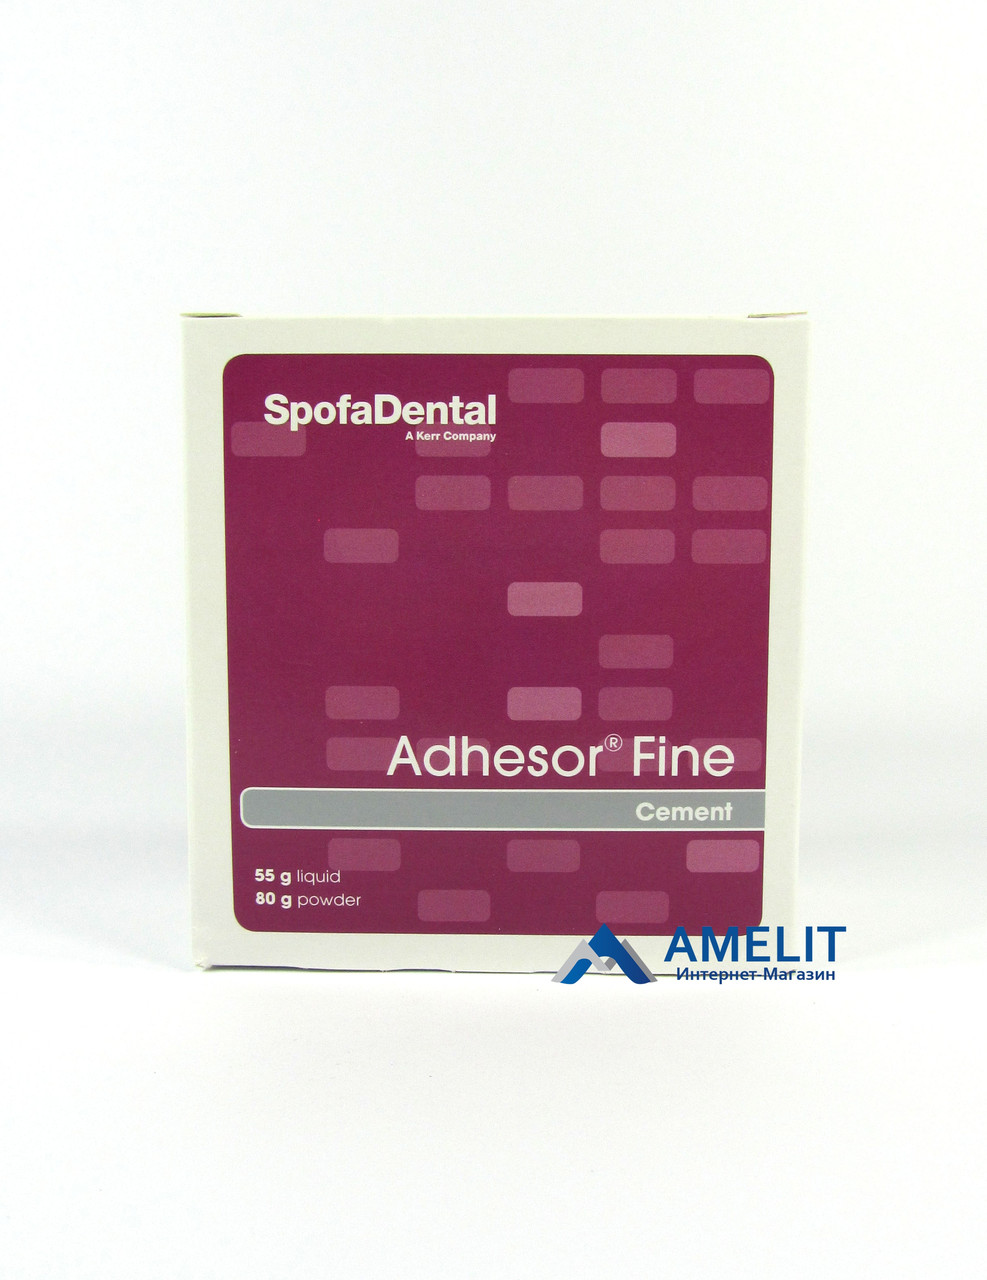 АдгезорФайн(Adhesor Fine Cement, Spofa Dental),набор80г+ 55мл, фото 1